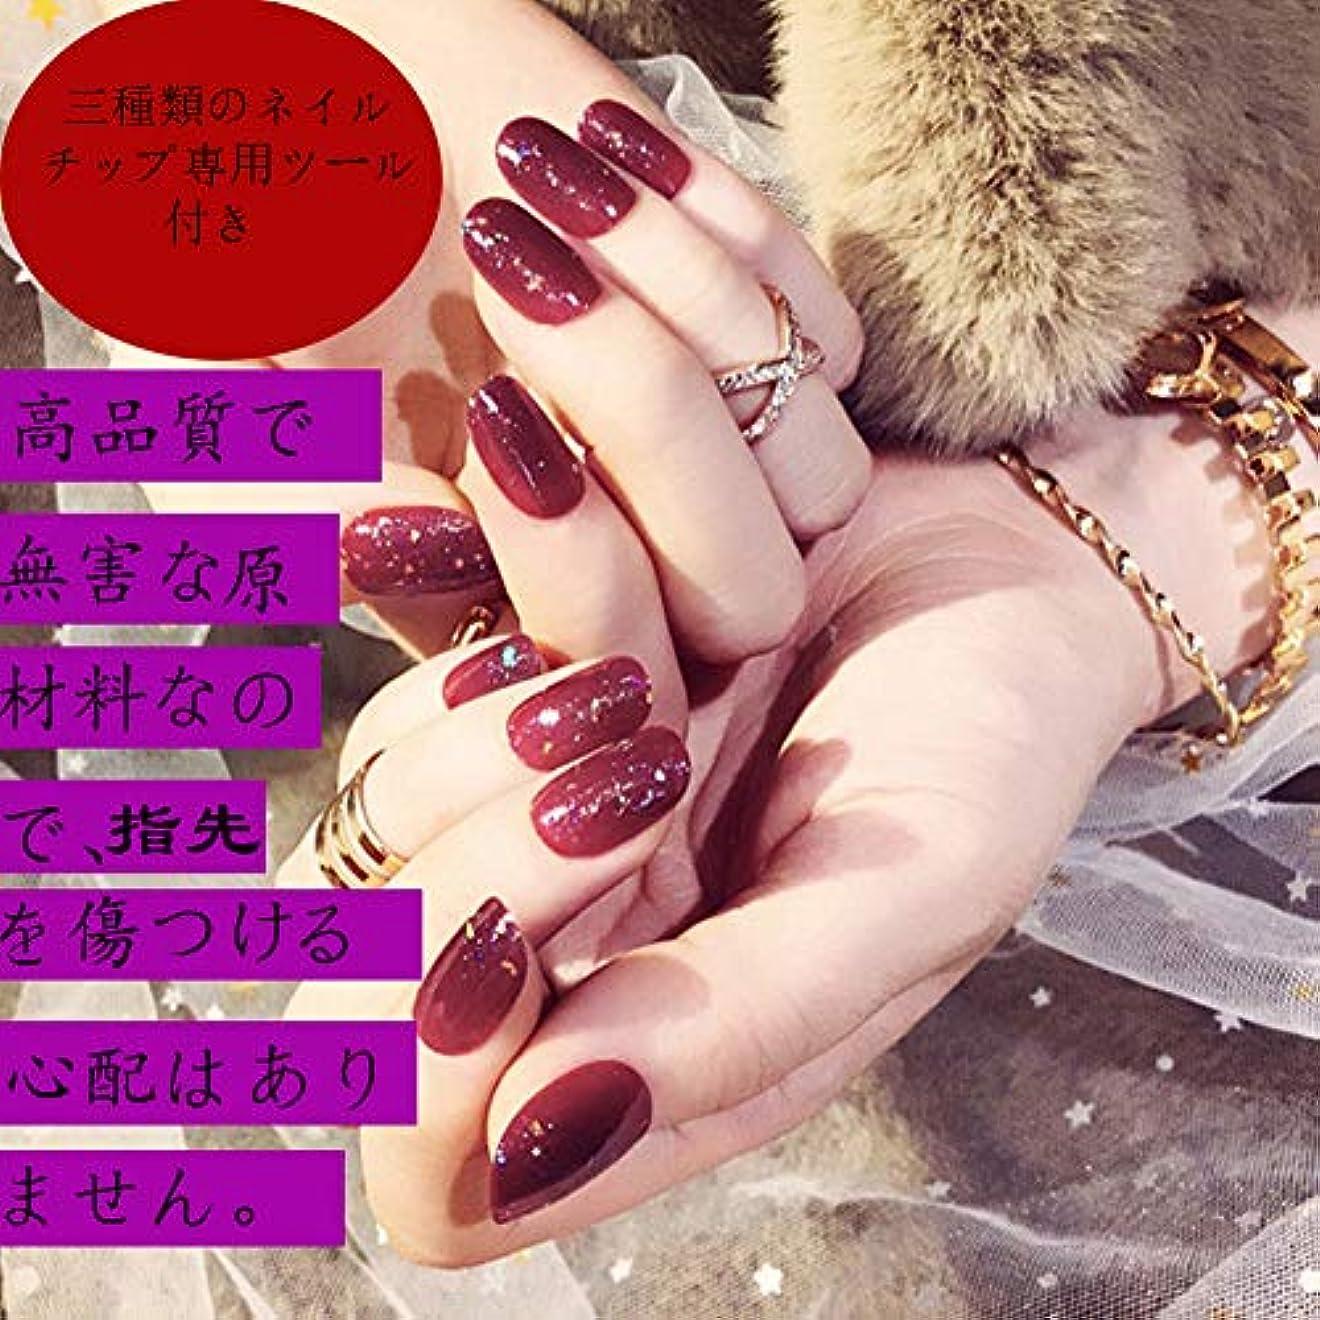 近傍ゴールデンメディアHuangHM小悪魔系キレイ魅せネイルチップ ライトセラピー人体に无害上品 ヌーディ グラマラスクール ネイルチップ つけ爪なかっこいい系 付け爪 簡単便利な付け爪 エレガント 和柄着物和装成人式にも